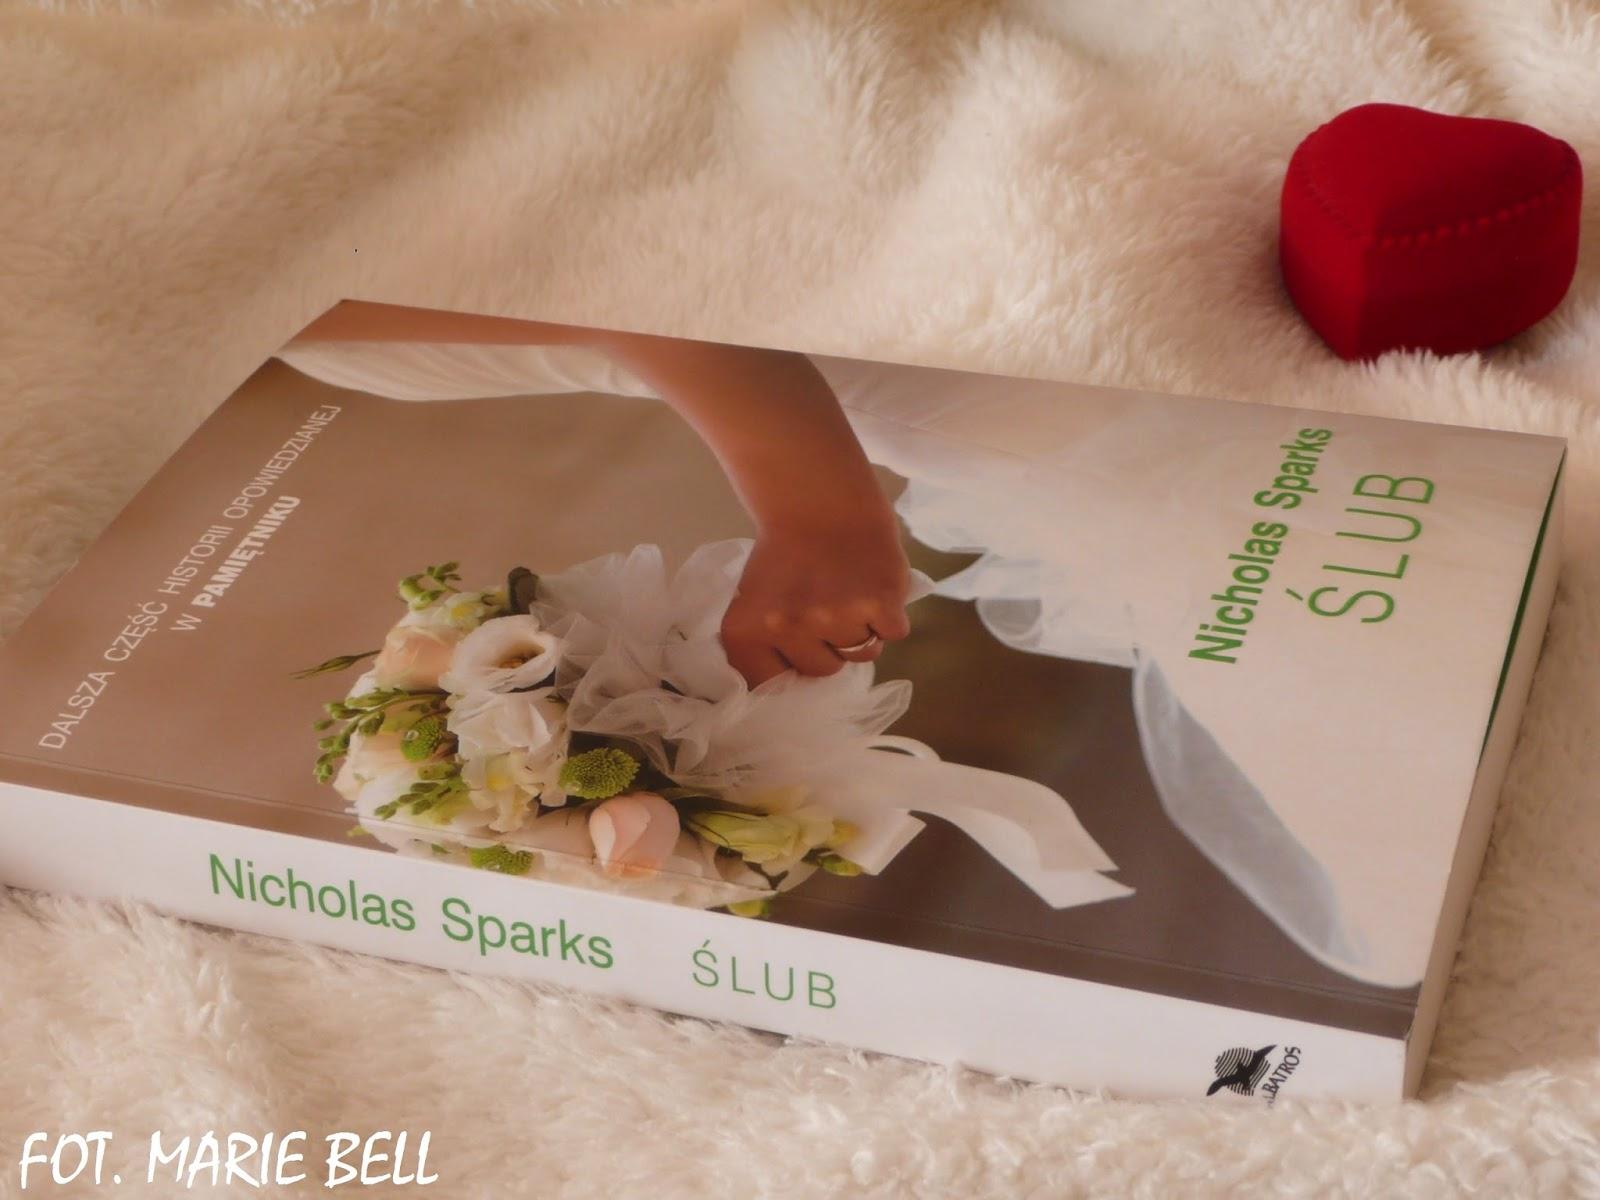 Marie Bell ślub Nicholas Sparks